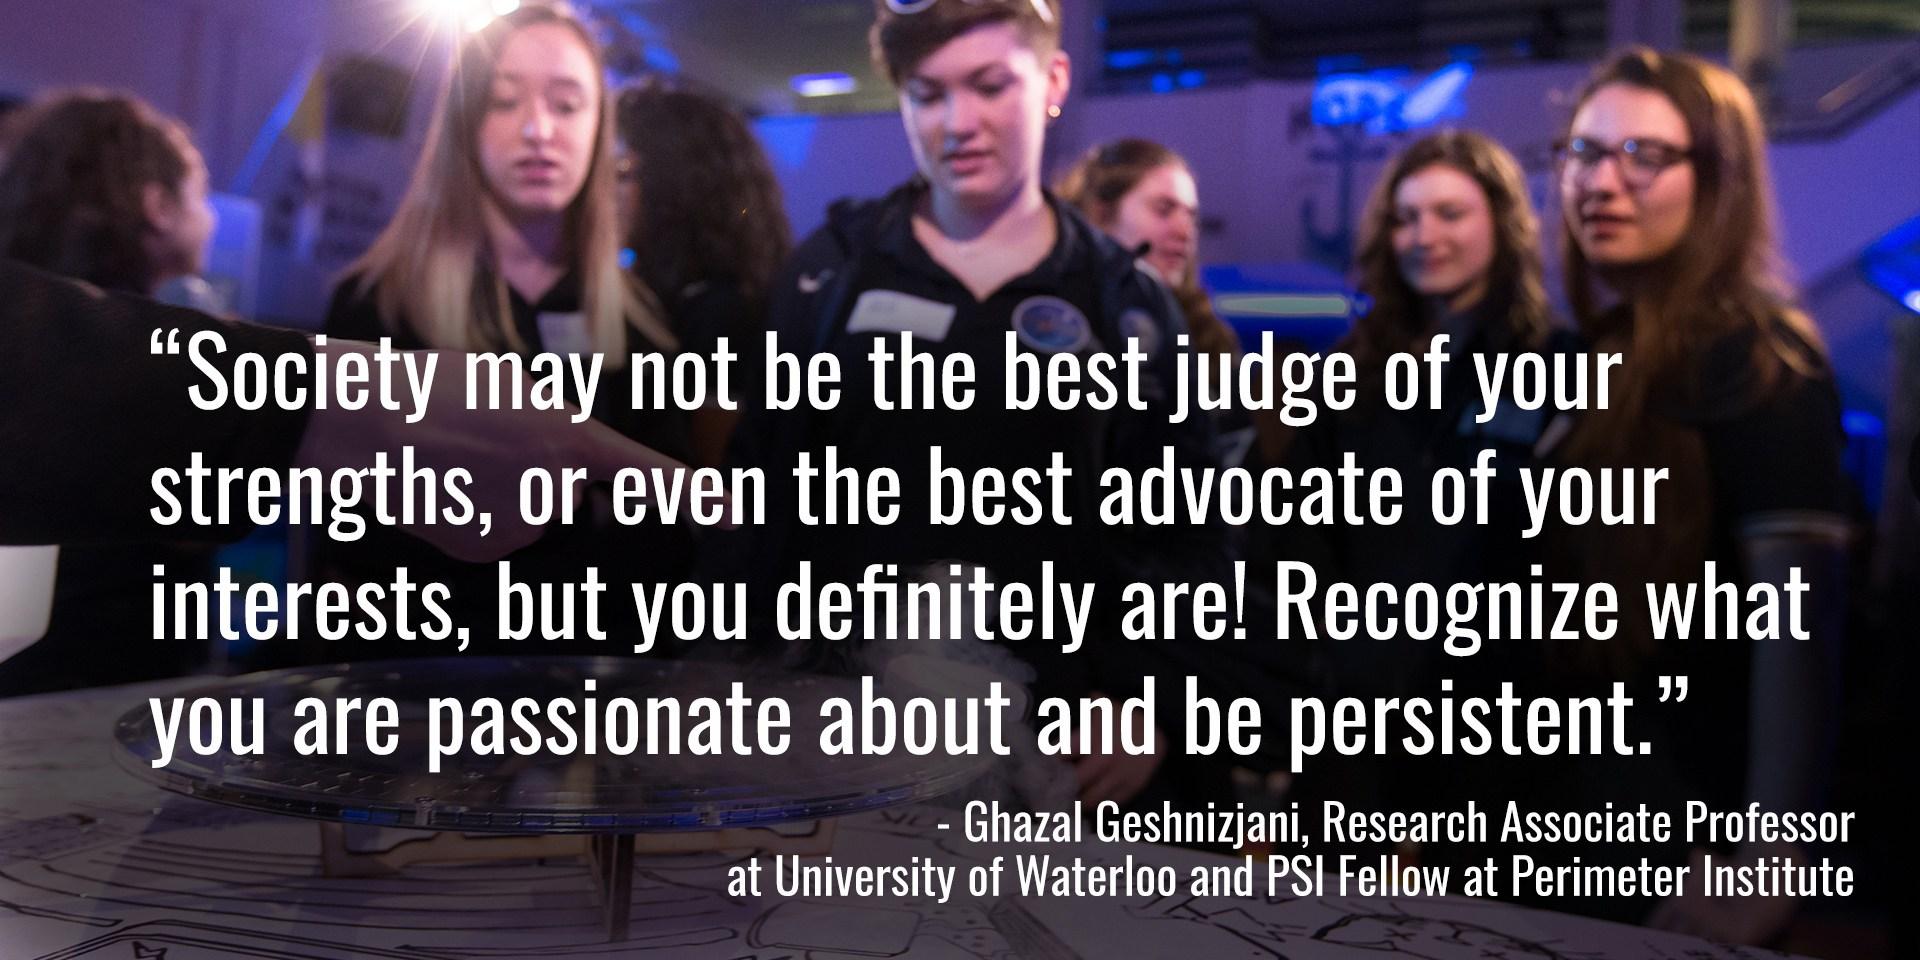 « La société n'est pas nécessairement la meilleure juge de vos forces, ni même la meilleure promotrice de vos intérêts, mais vous l'êtes assurément! Sachez ce qui vous passionne et soyez persévérantes » [traduction] – Ghazal Geshnizjani, professeure-chercheuse associée à l'Université de Waterloo et assistante dans le programme PSI à l'Institut Périmètre